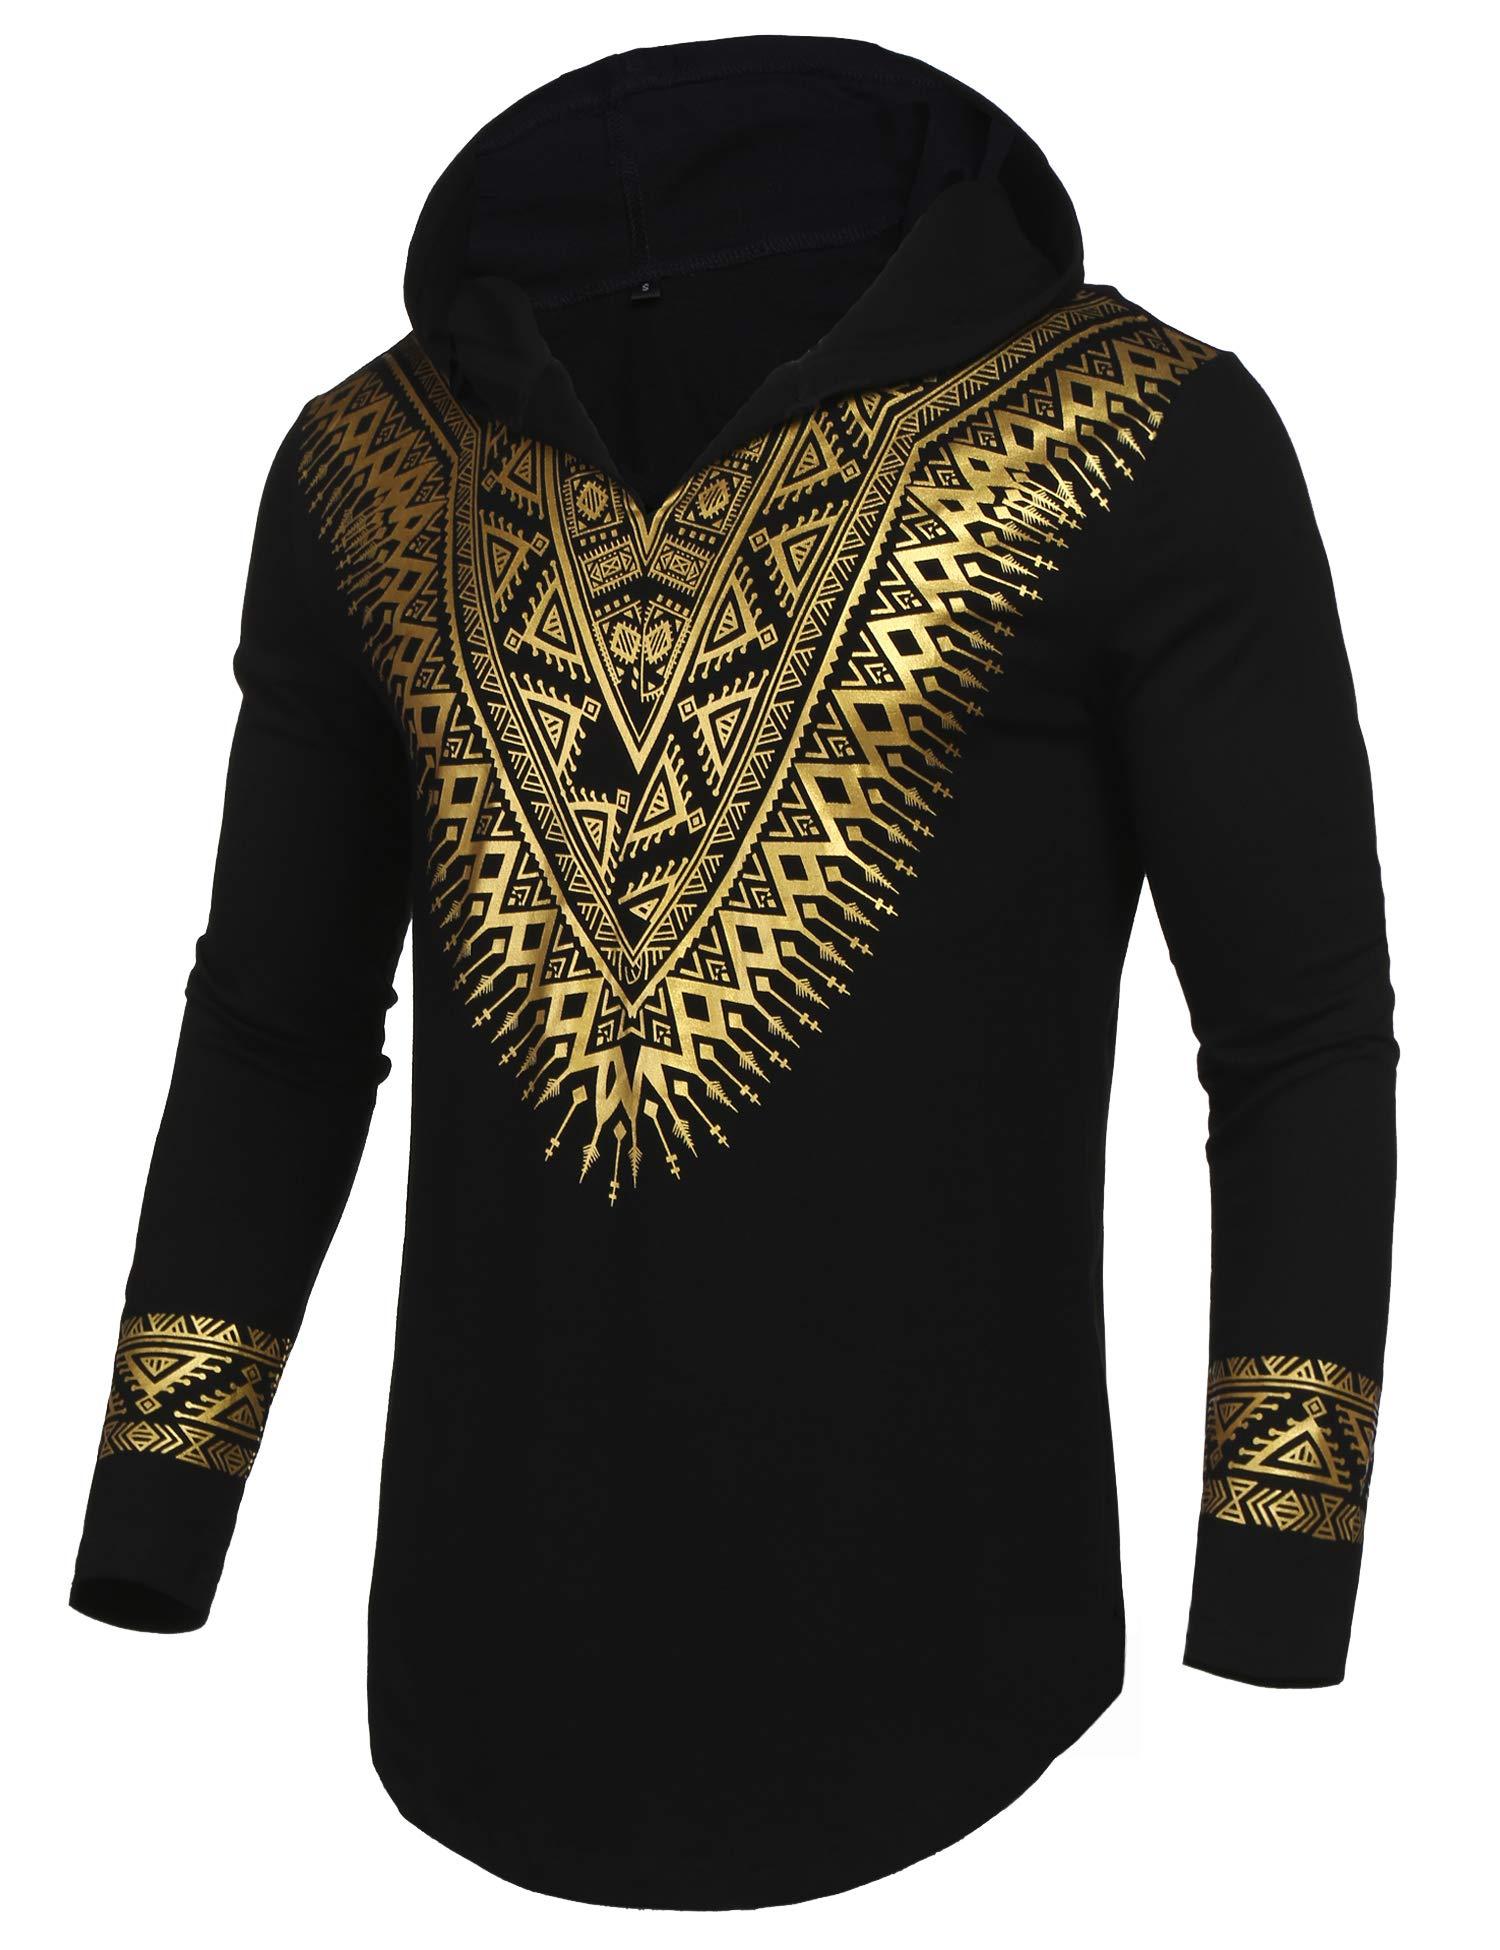 Pacinoble Mens African Dashiki Shirt Luxury Metallic Floral Printed Long Sleeve Shirts Blouse